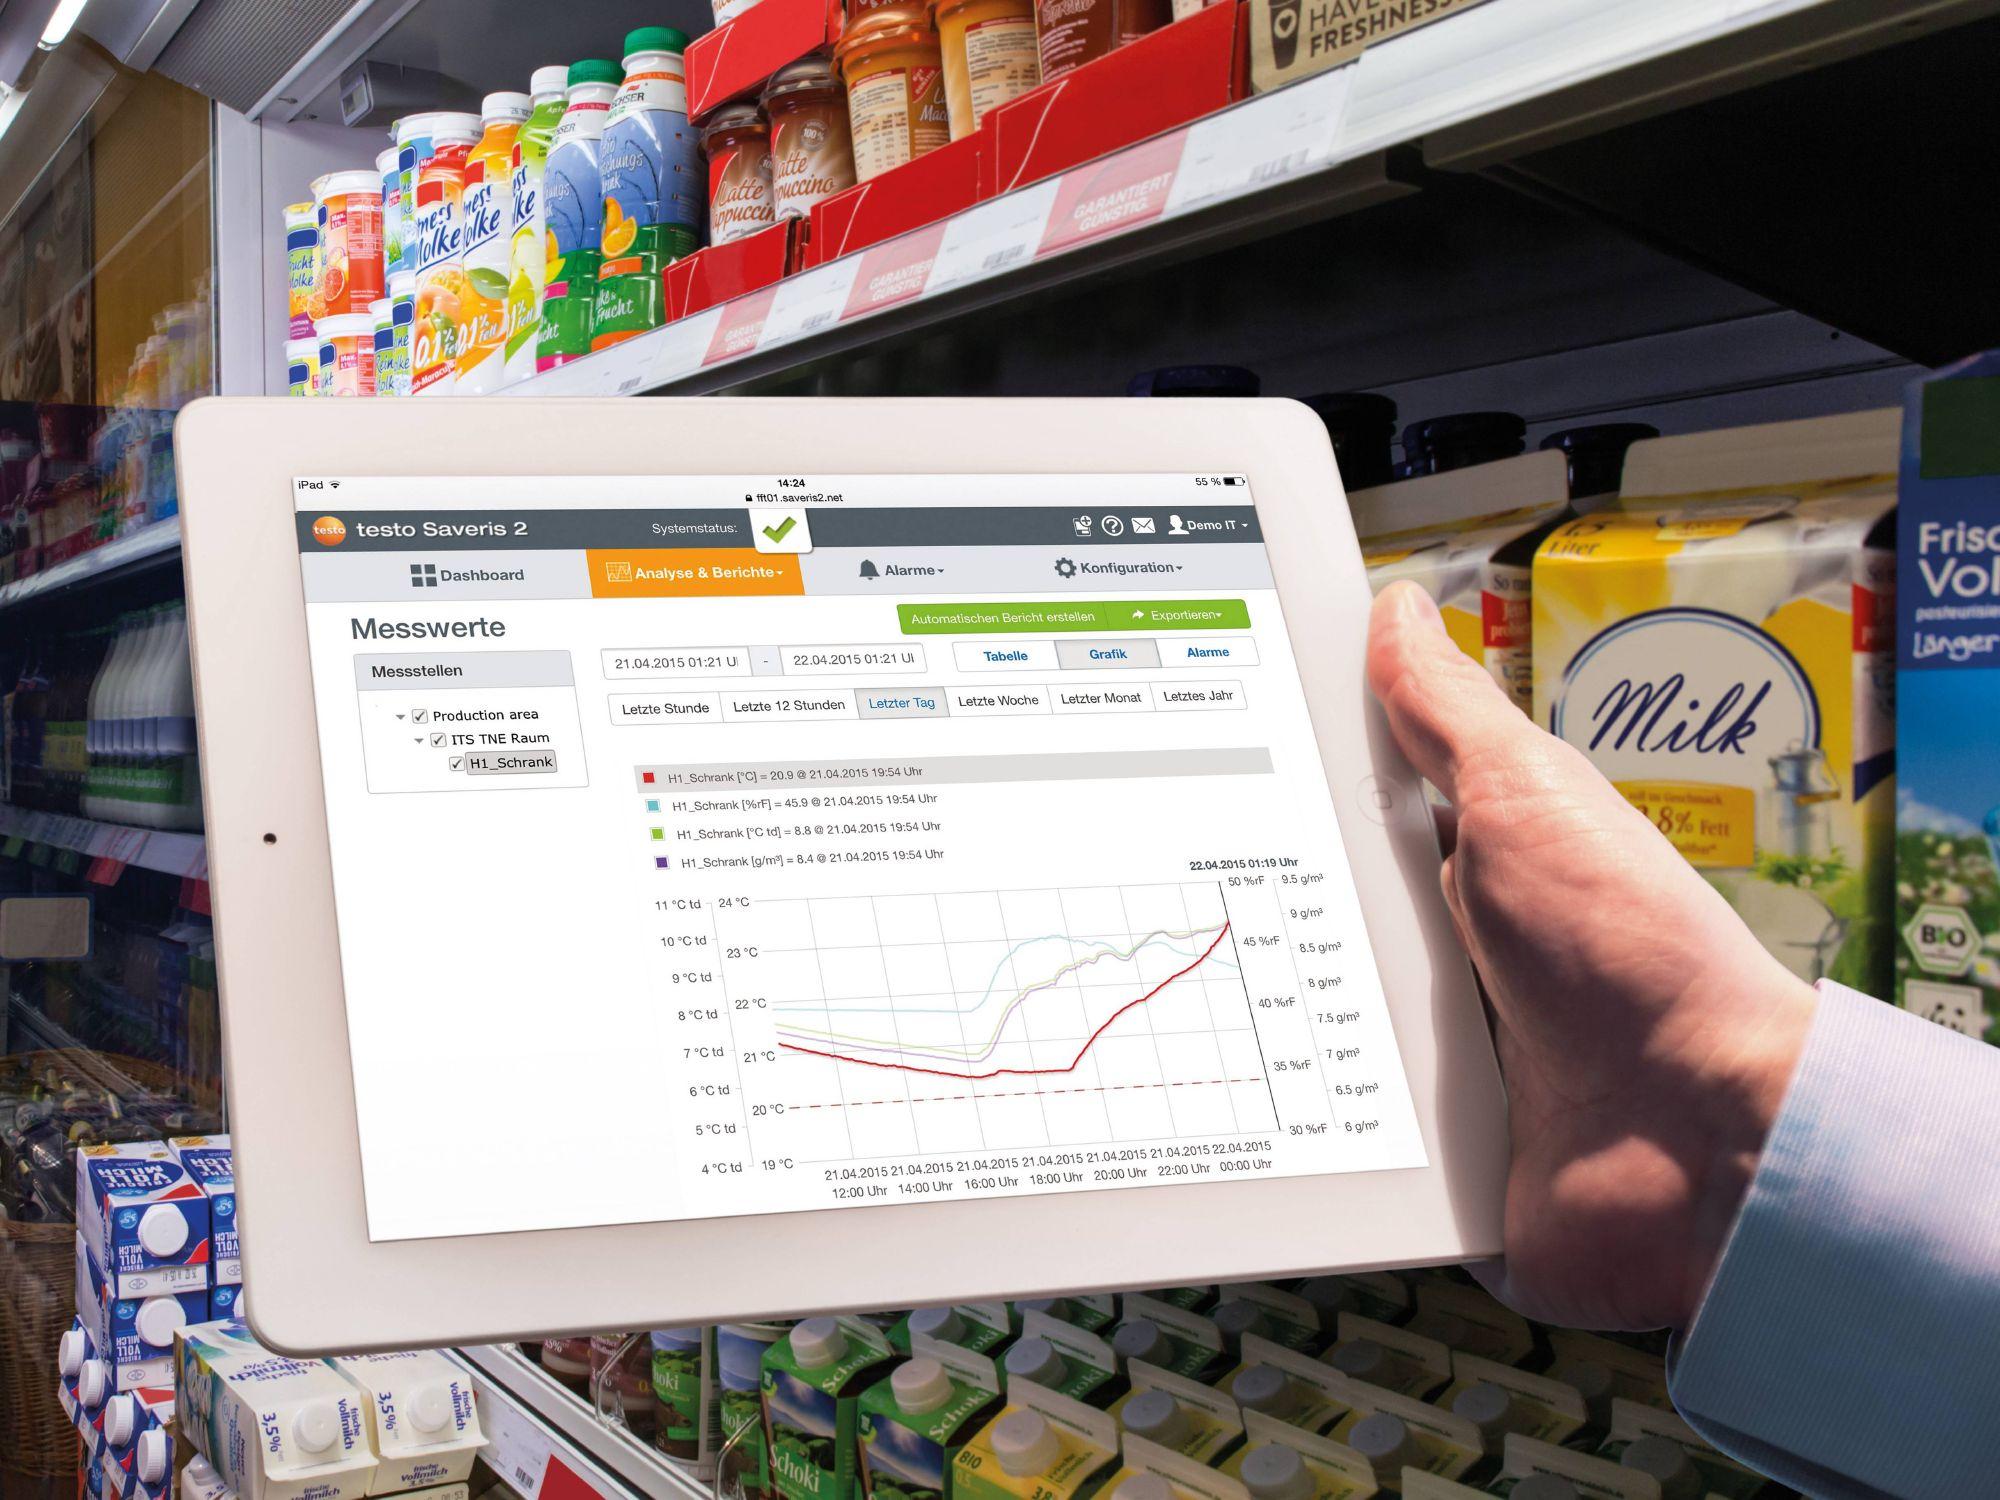 Temperaturüberwachung im Supermarkt